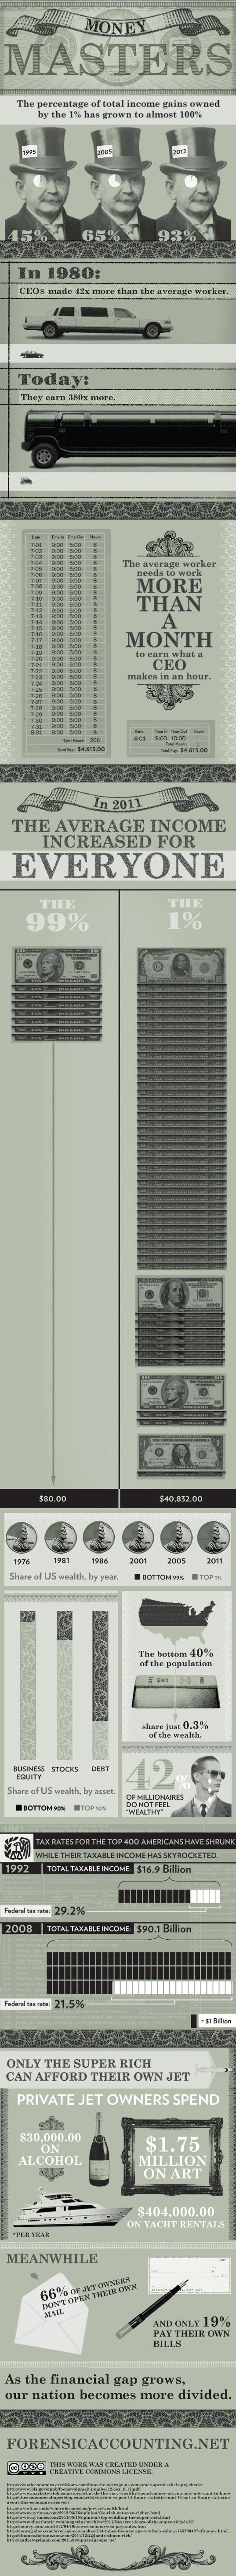 El porqué de la crisis: ricos cada vez más ricos y ambiciosos. Inequidad y   Money Masters   NationofChange